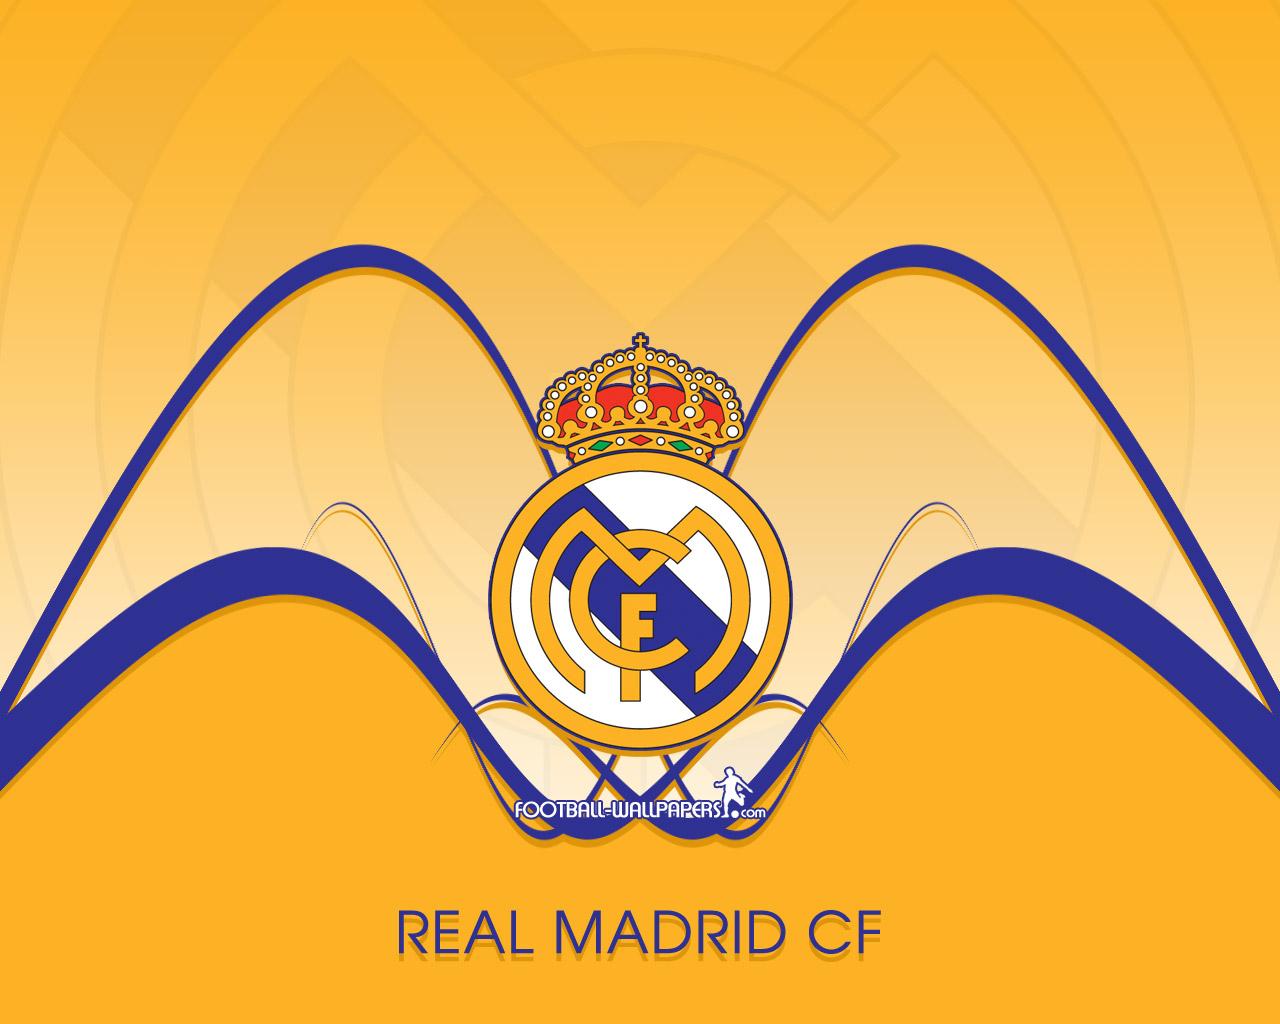 http://4.bp.blogspot.com/-jqRNOe3VUZ0/ThbGtN5on6I/AAAAAAAAAyg/g1ZwDRPmor4/s1600/Real+Madrid+Wallpaper+4.jpg